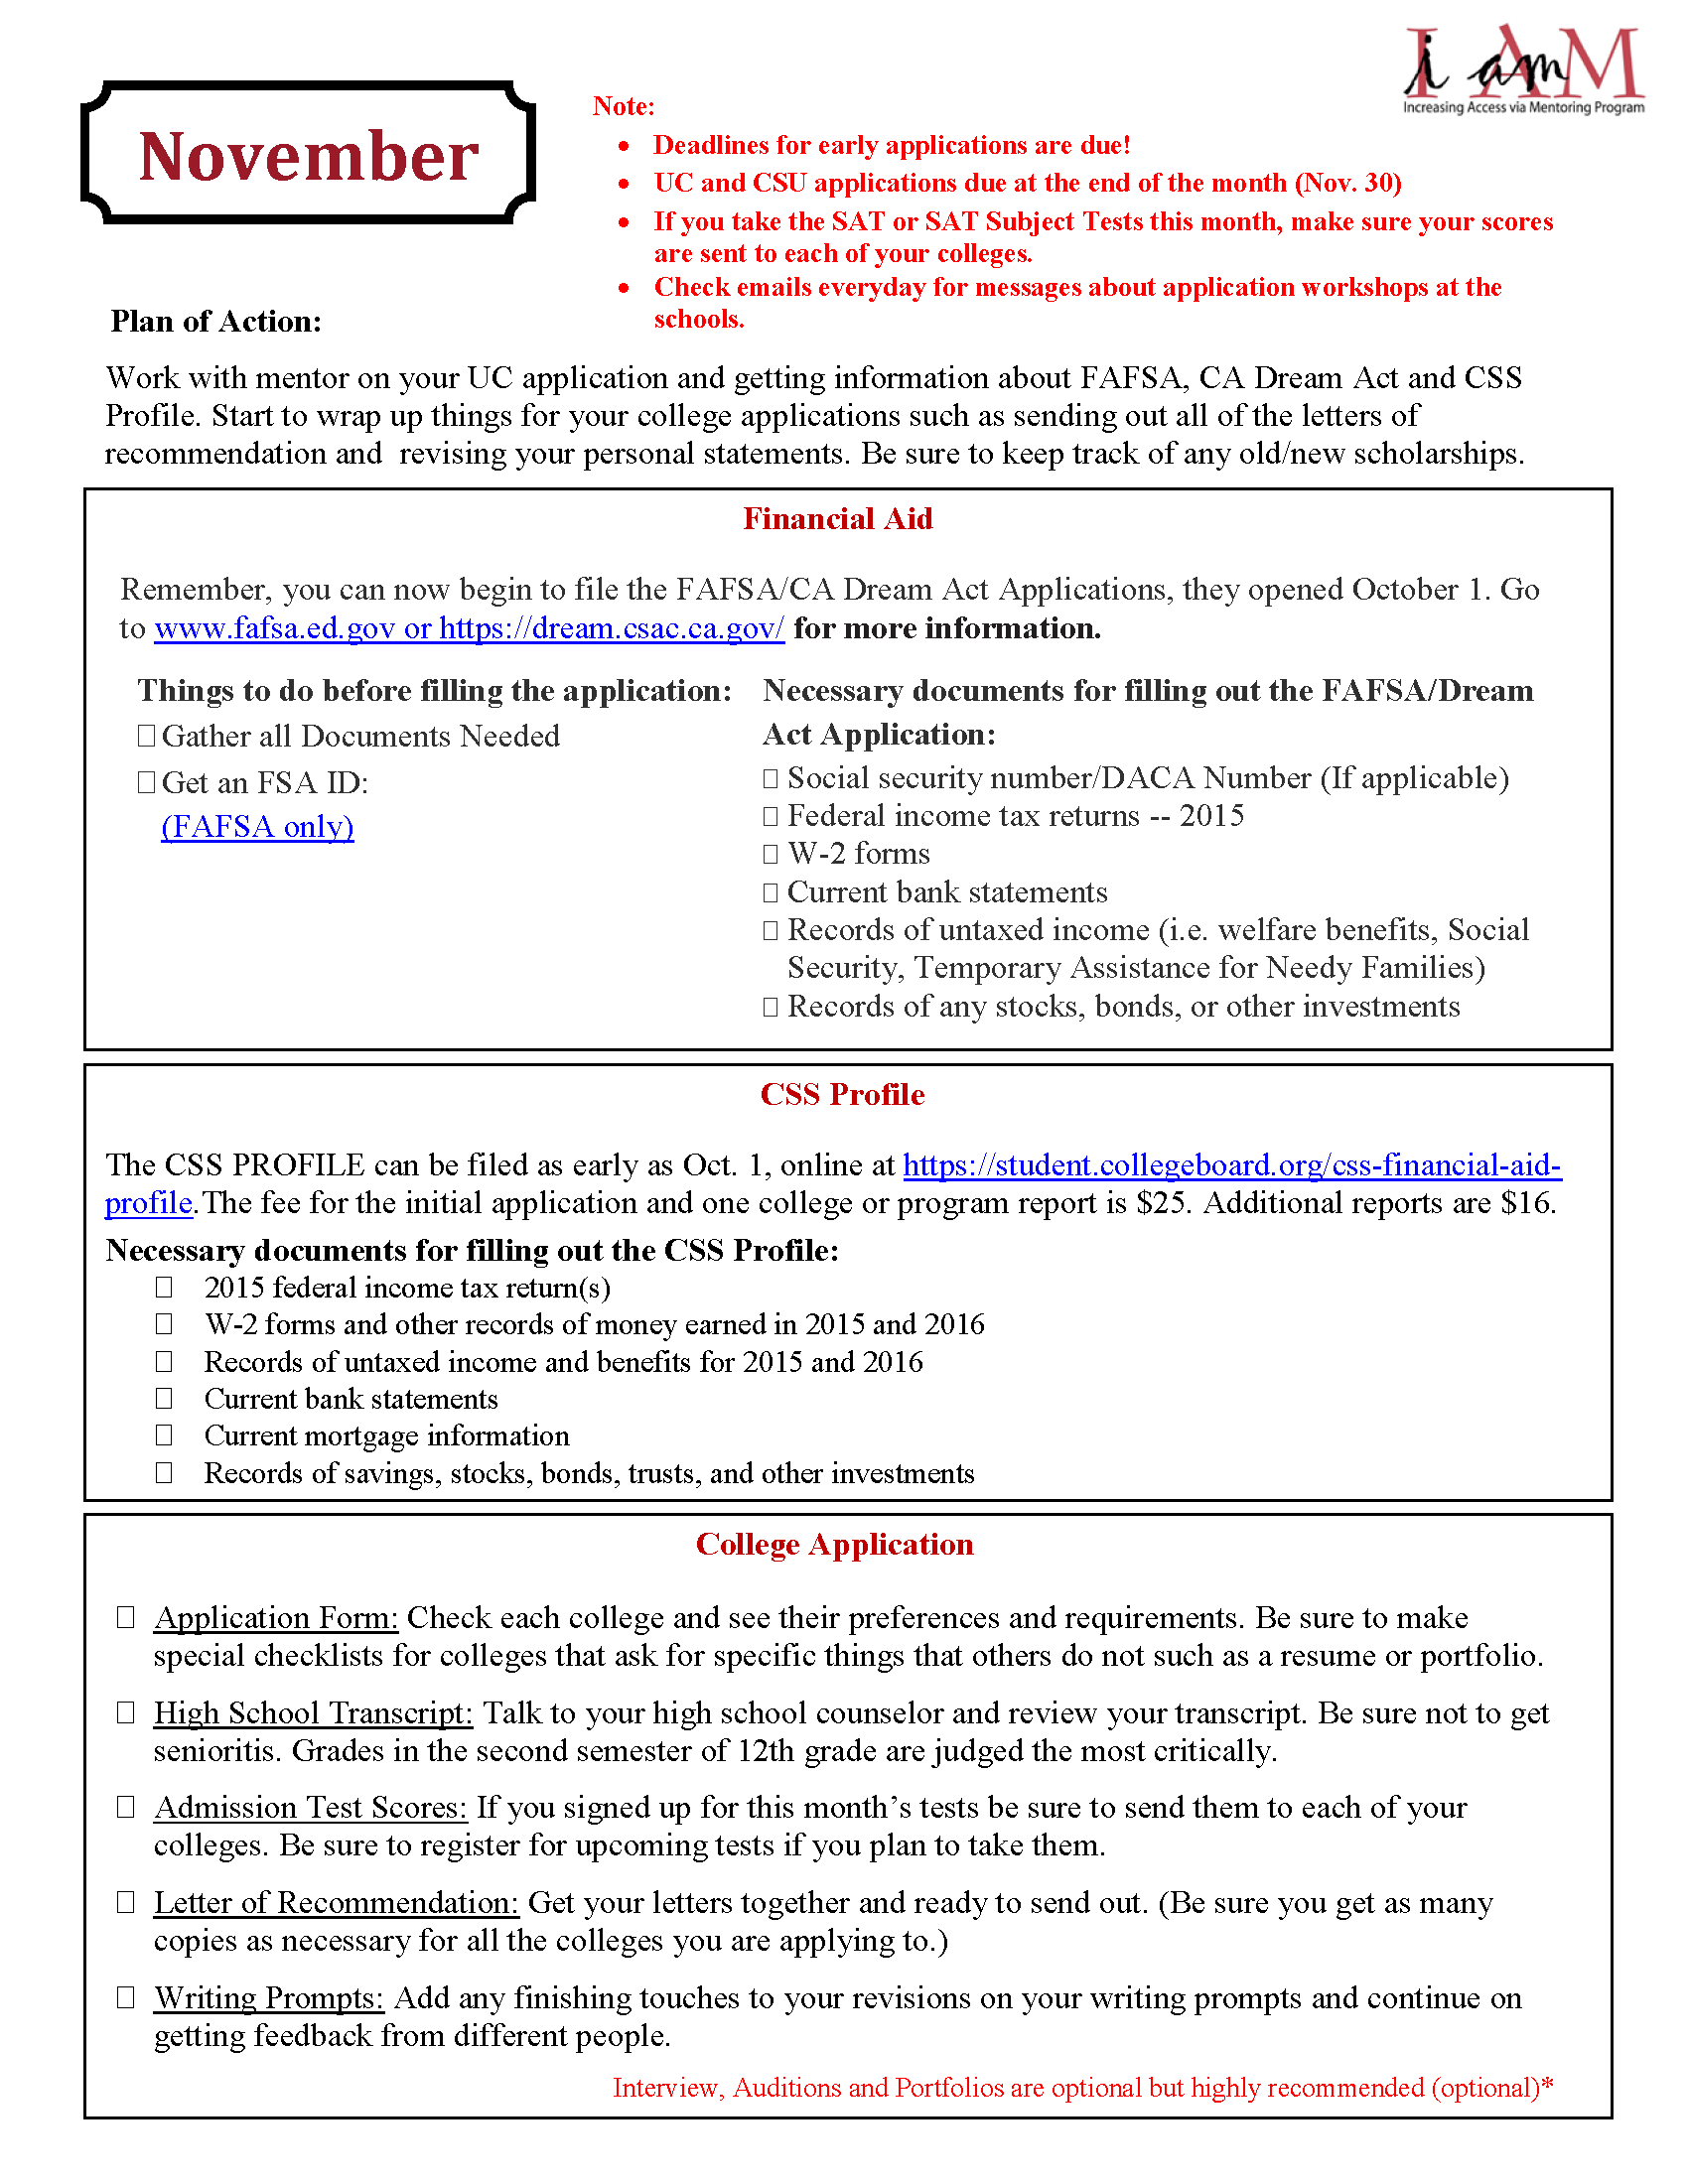 worksheet Css Profile Worksheet monthly agenda pullias center for higher education agendas